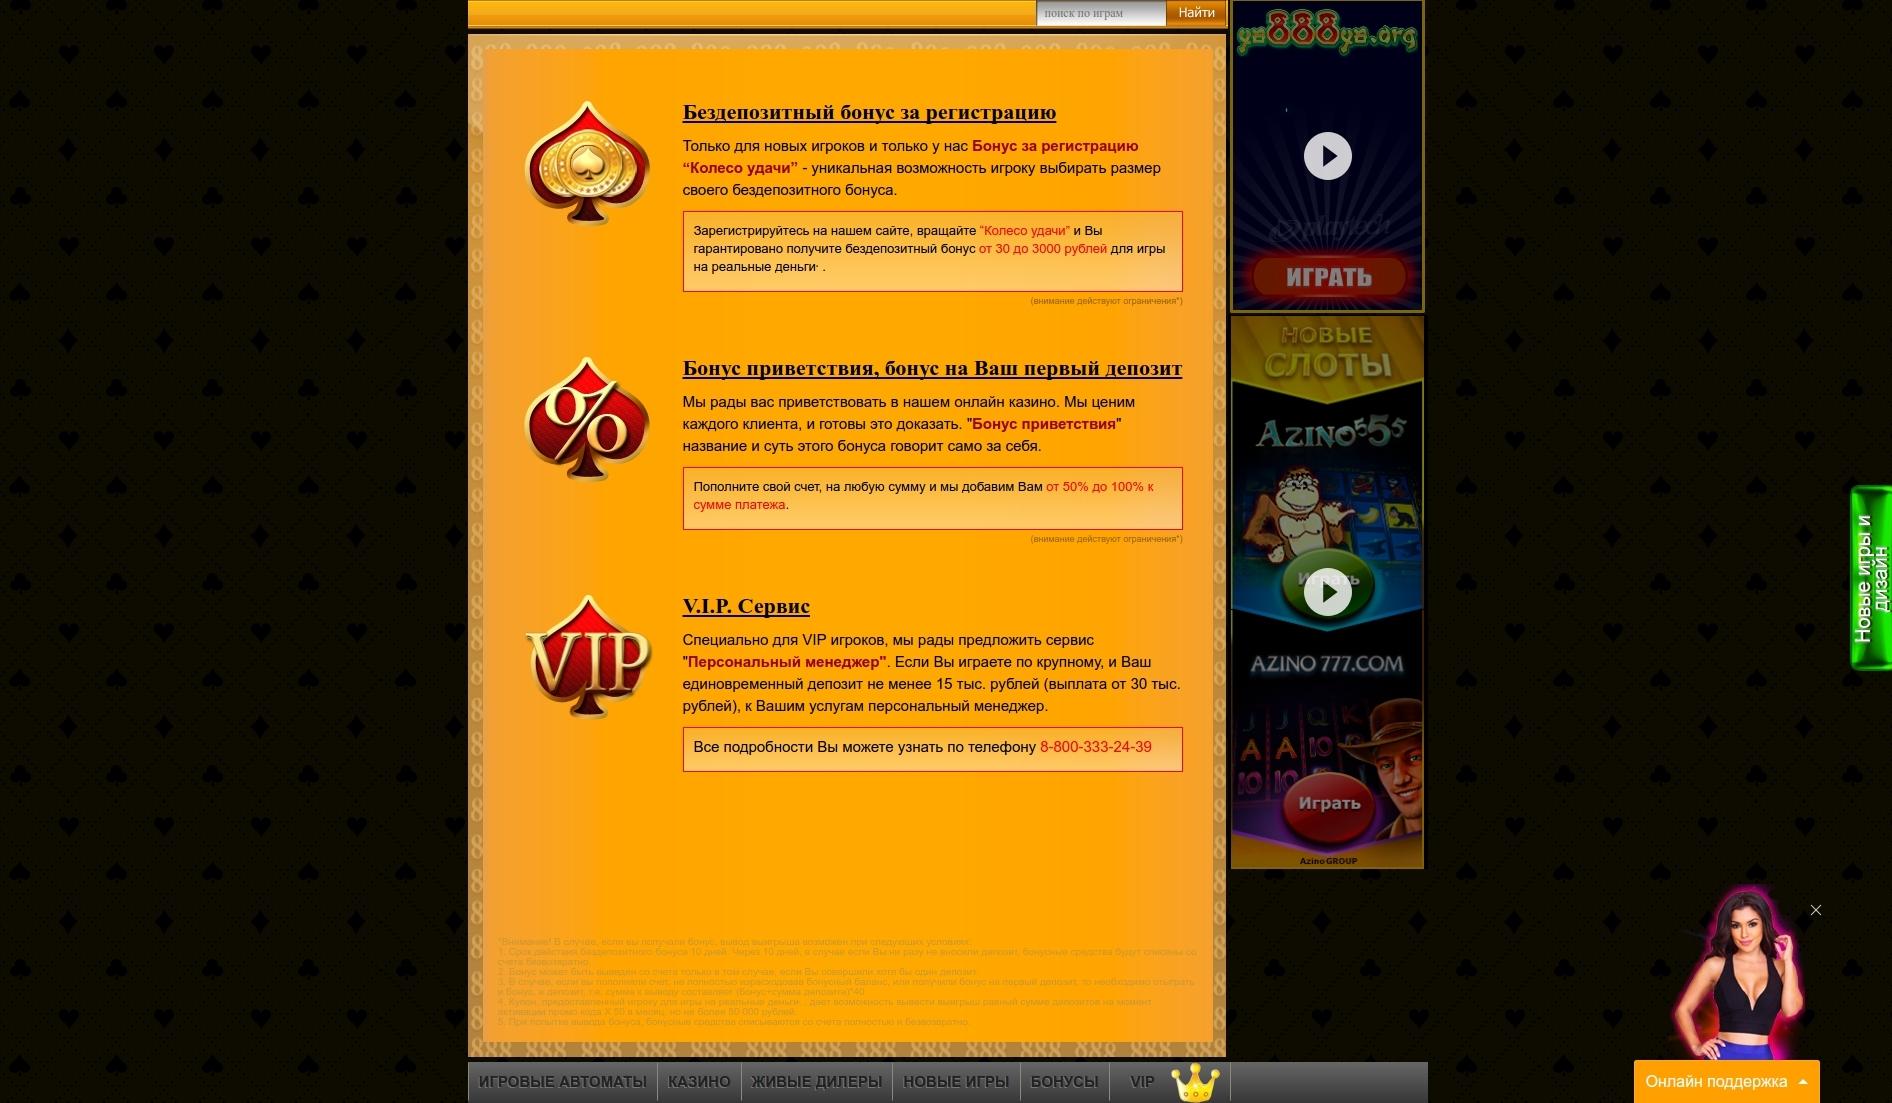 Играть онлайн казино клуб казани 888